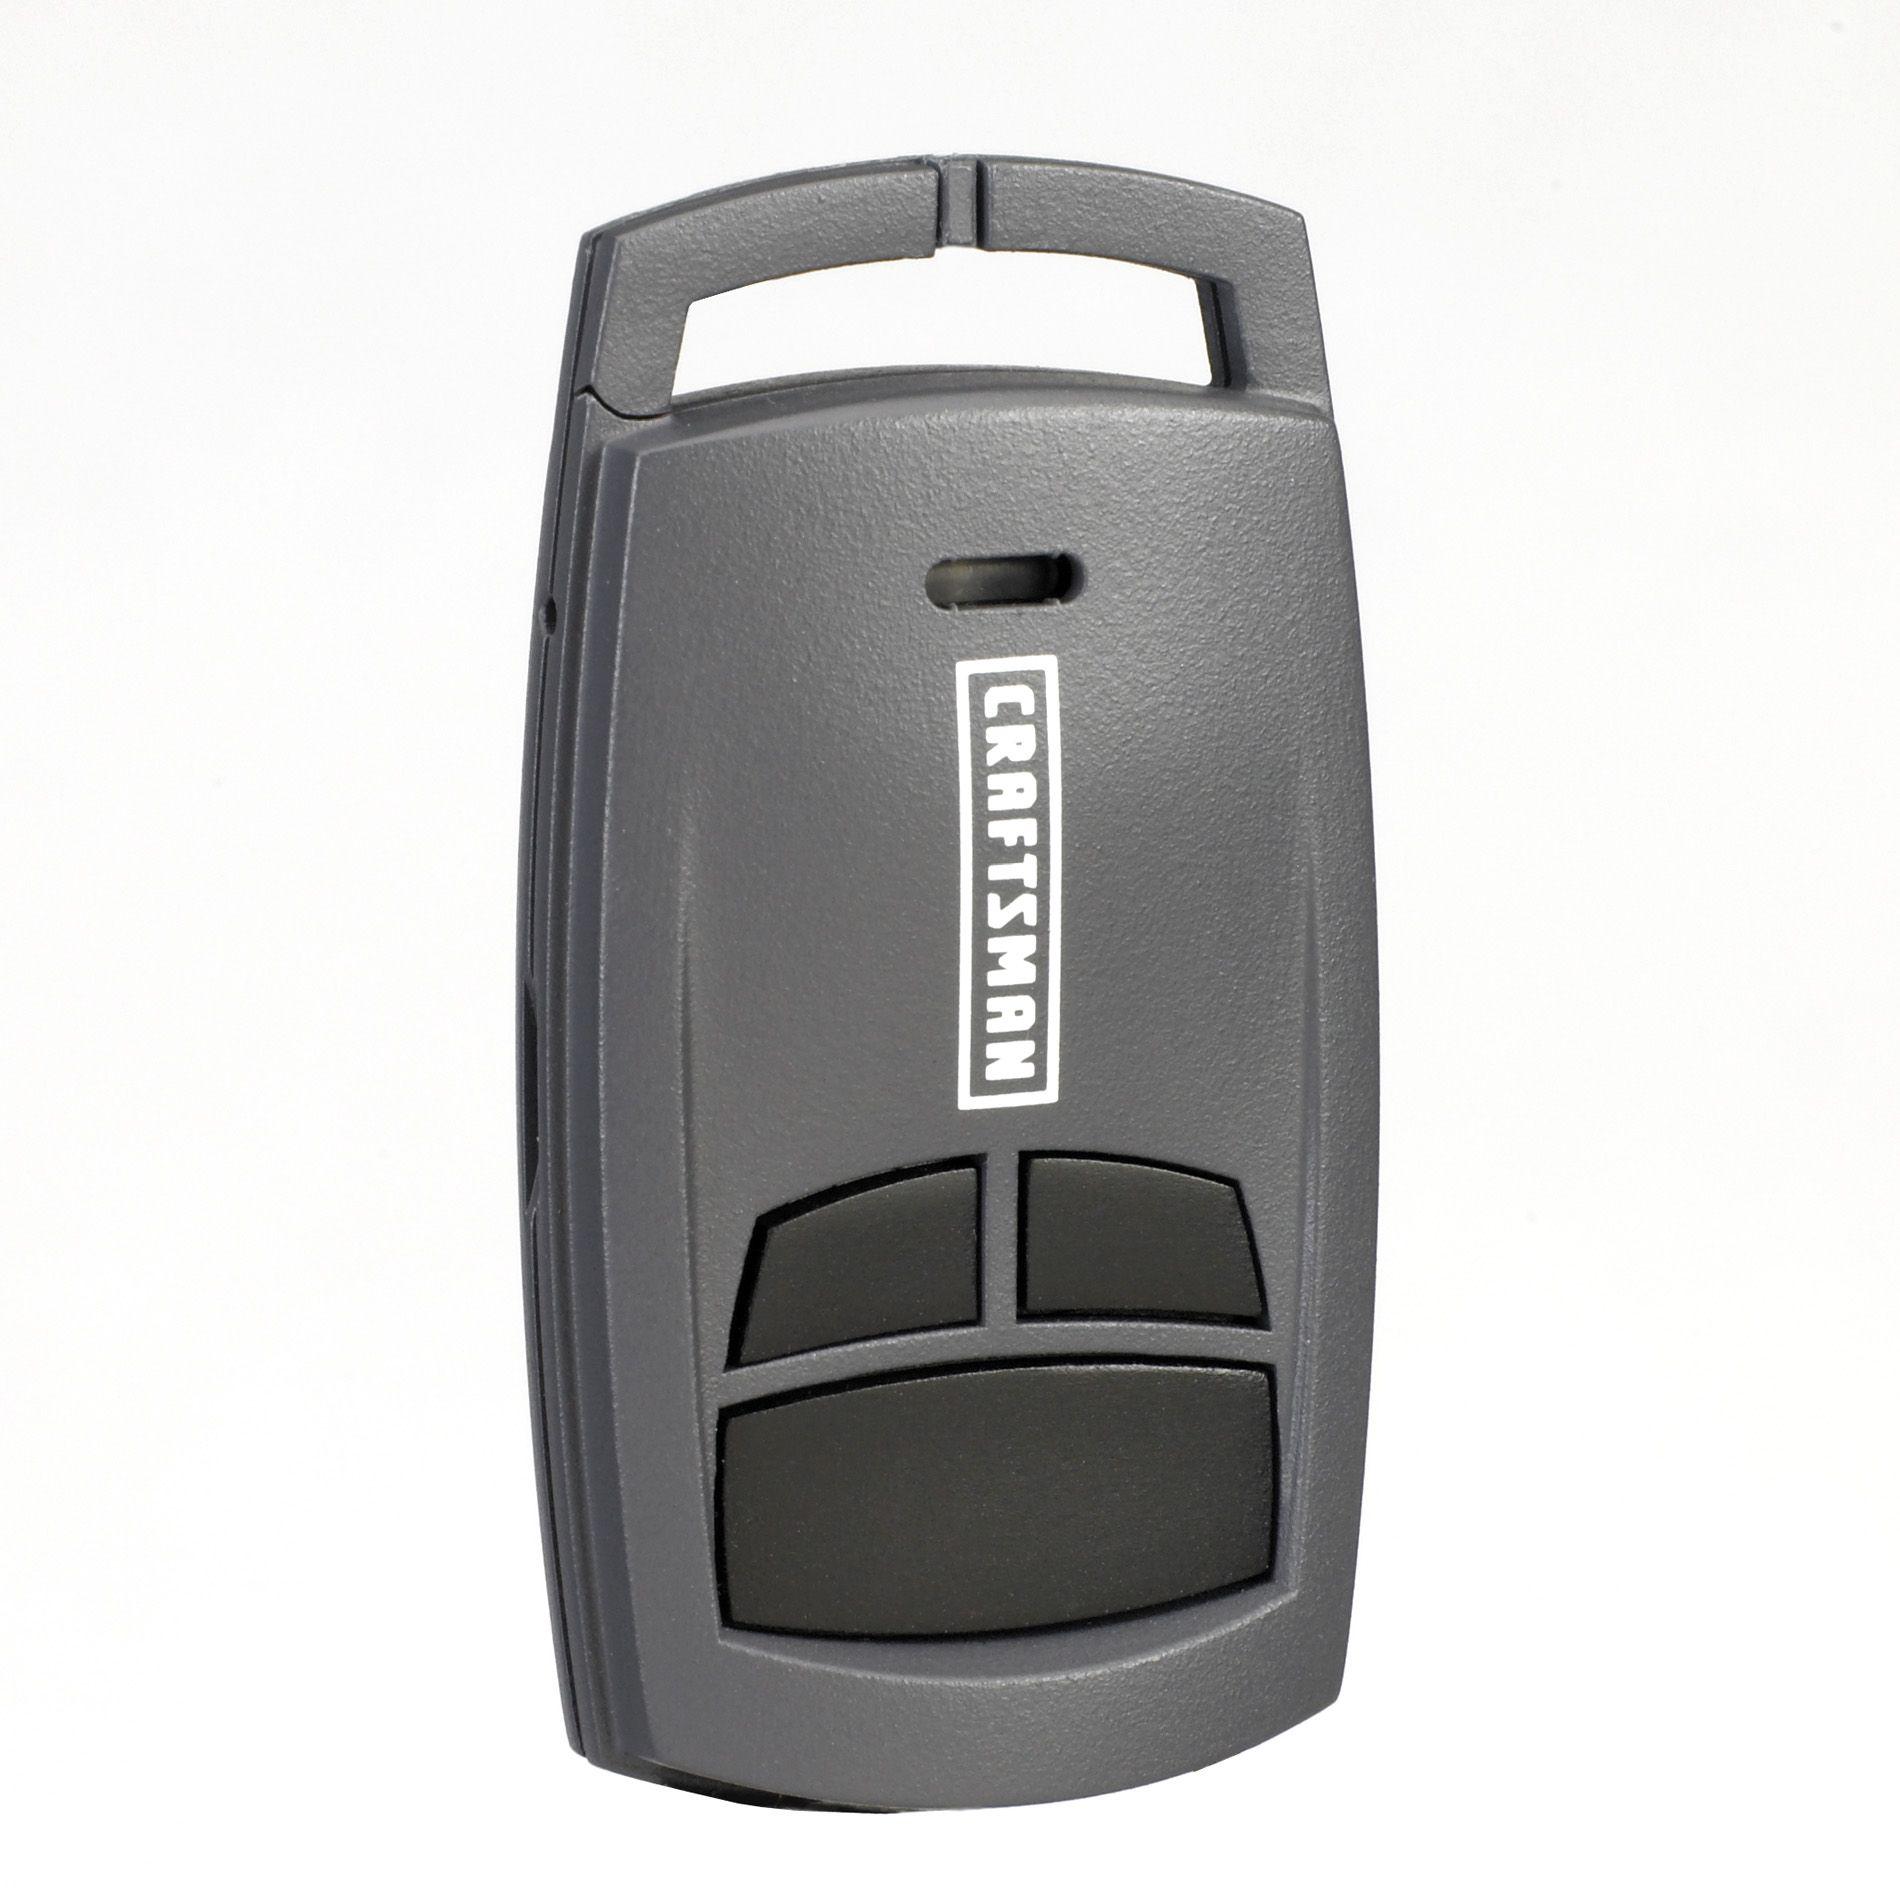 Craftsman Garage Door Opener 3-Function Compact Remote Control